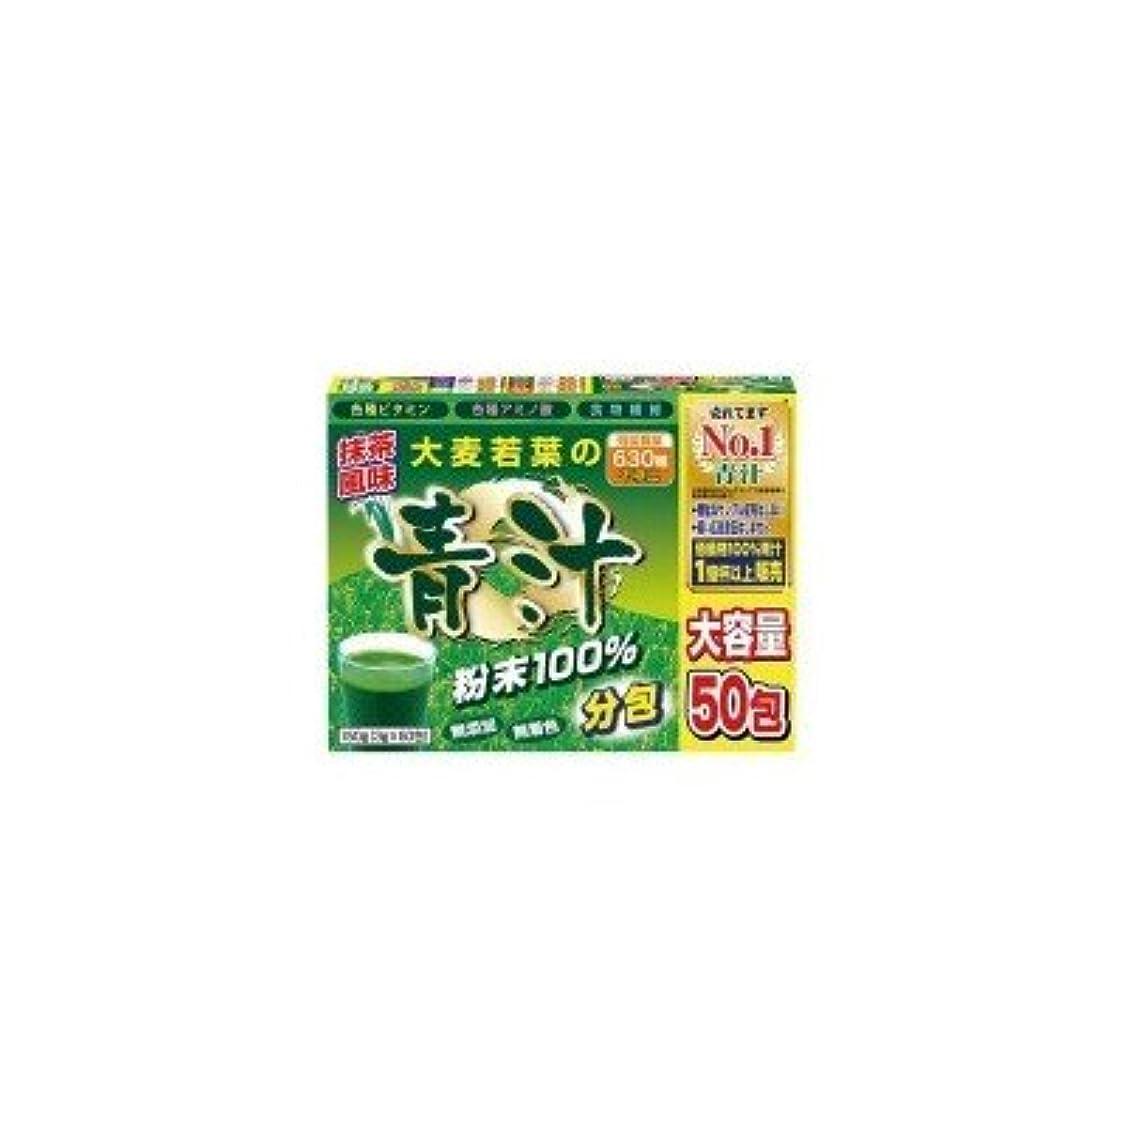 栄光潮抑制大麦若葉の青汁100% 150g(3g×50包) 2260